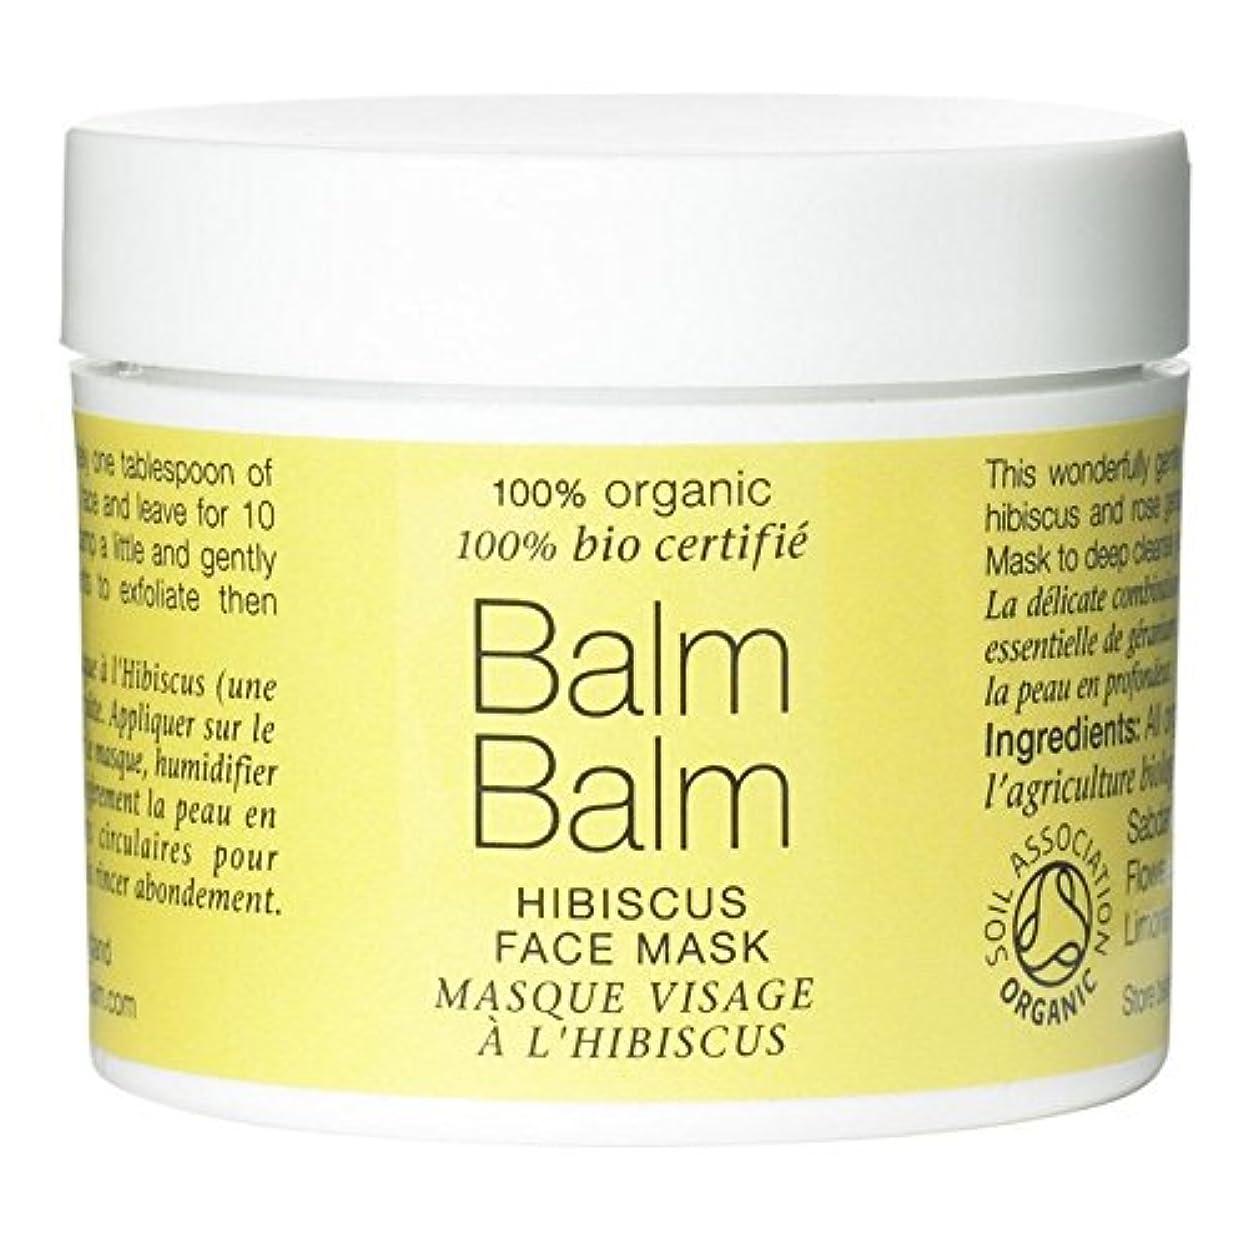 抜本的なコスチューム驚かすバームバームオーガニックハイビスカスフェイスマスク100グラム x2 - Balm Balm Organic Hibiscus Face Mask 100g (Pack of 2) [並行輸入品]